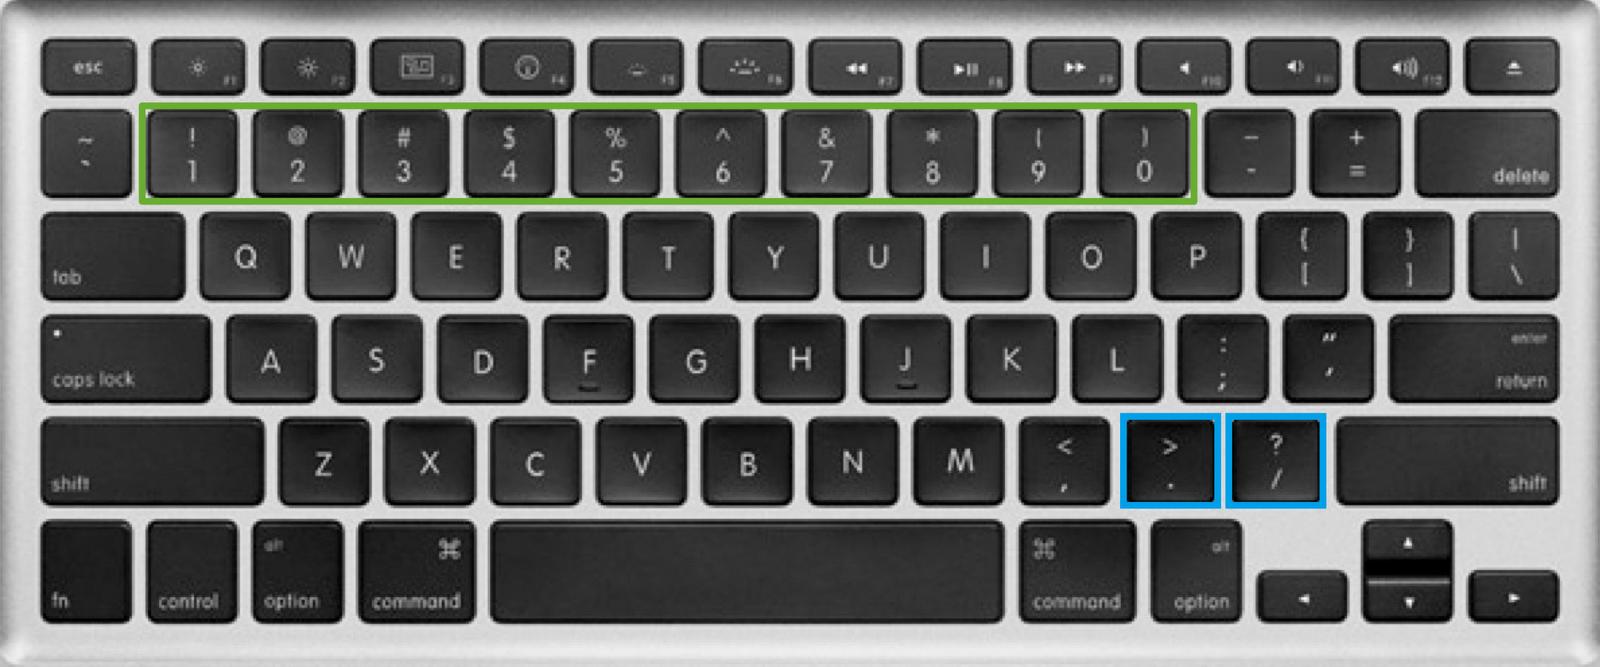 胖子達's Blender 小記: 筆電使用 Blender 的鍵盤設定